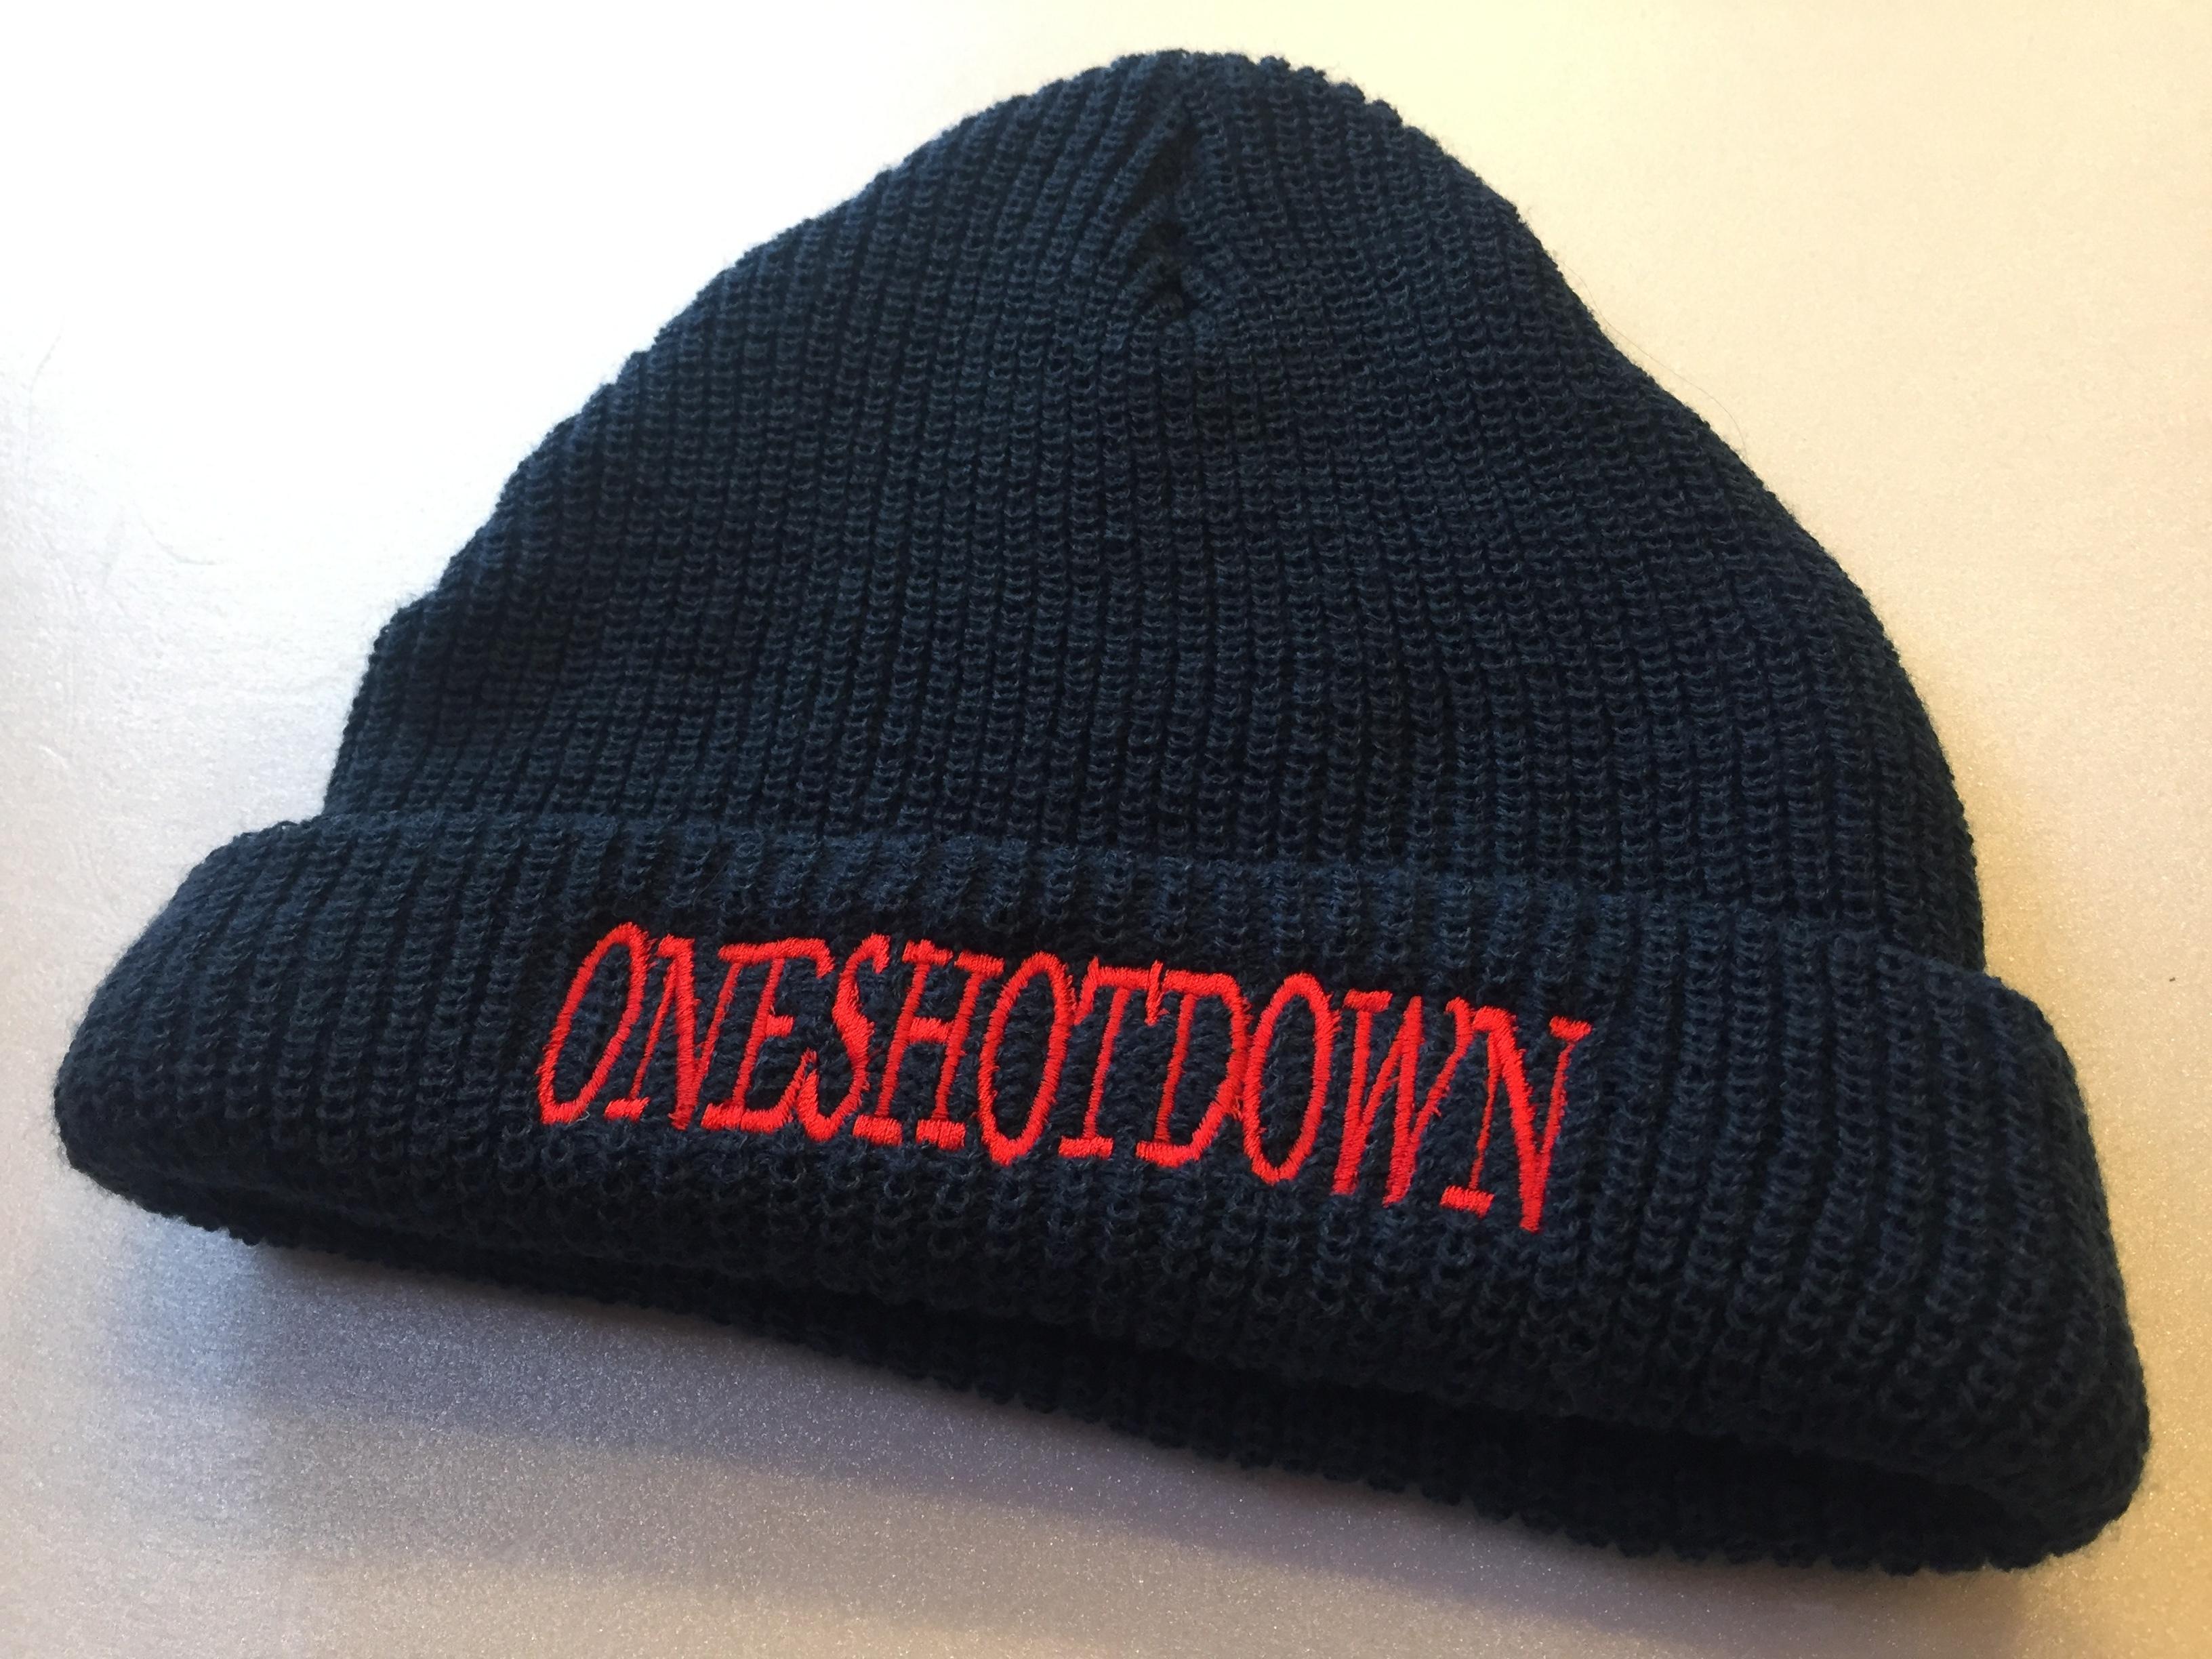 ONESHOTDOWN アルファベット ニット帽 - 画像3